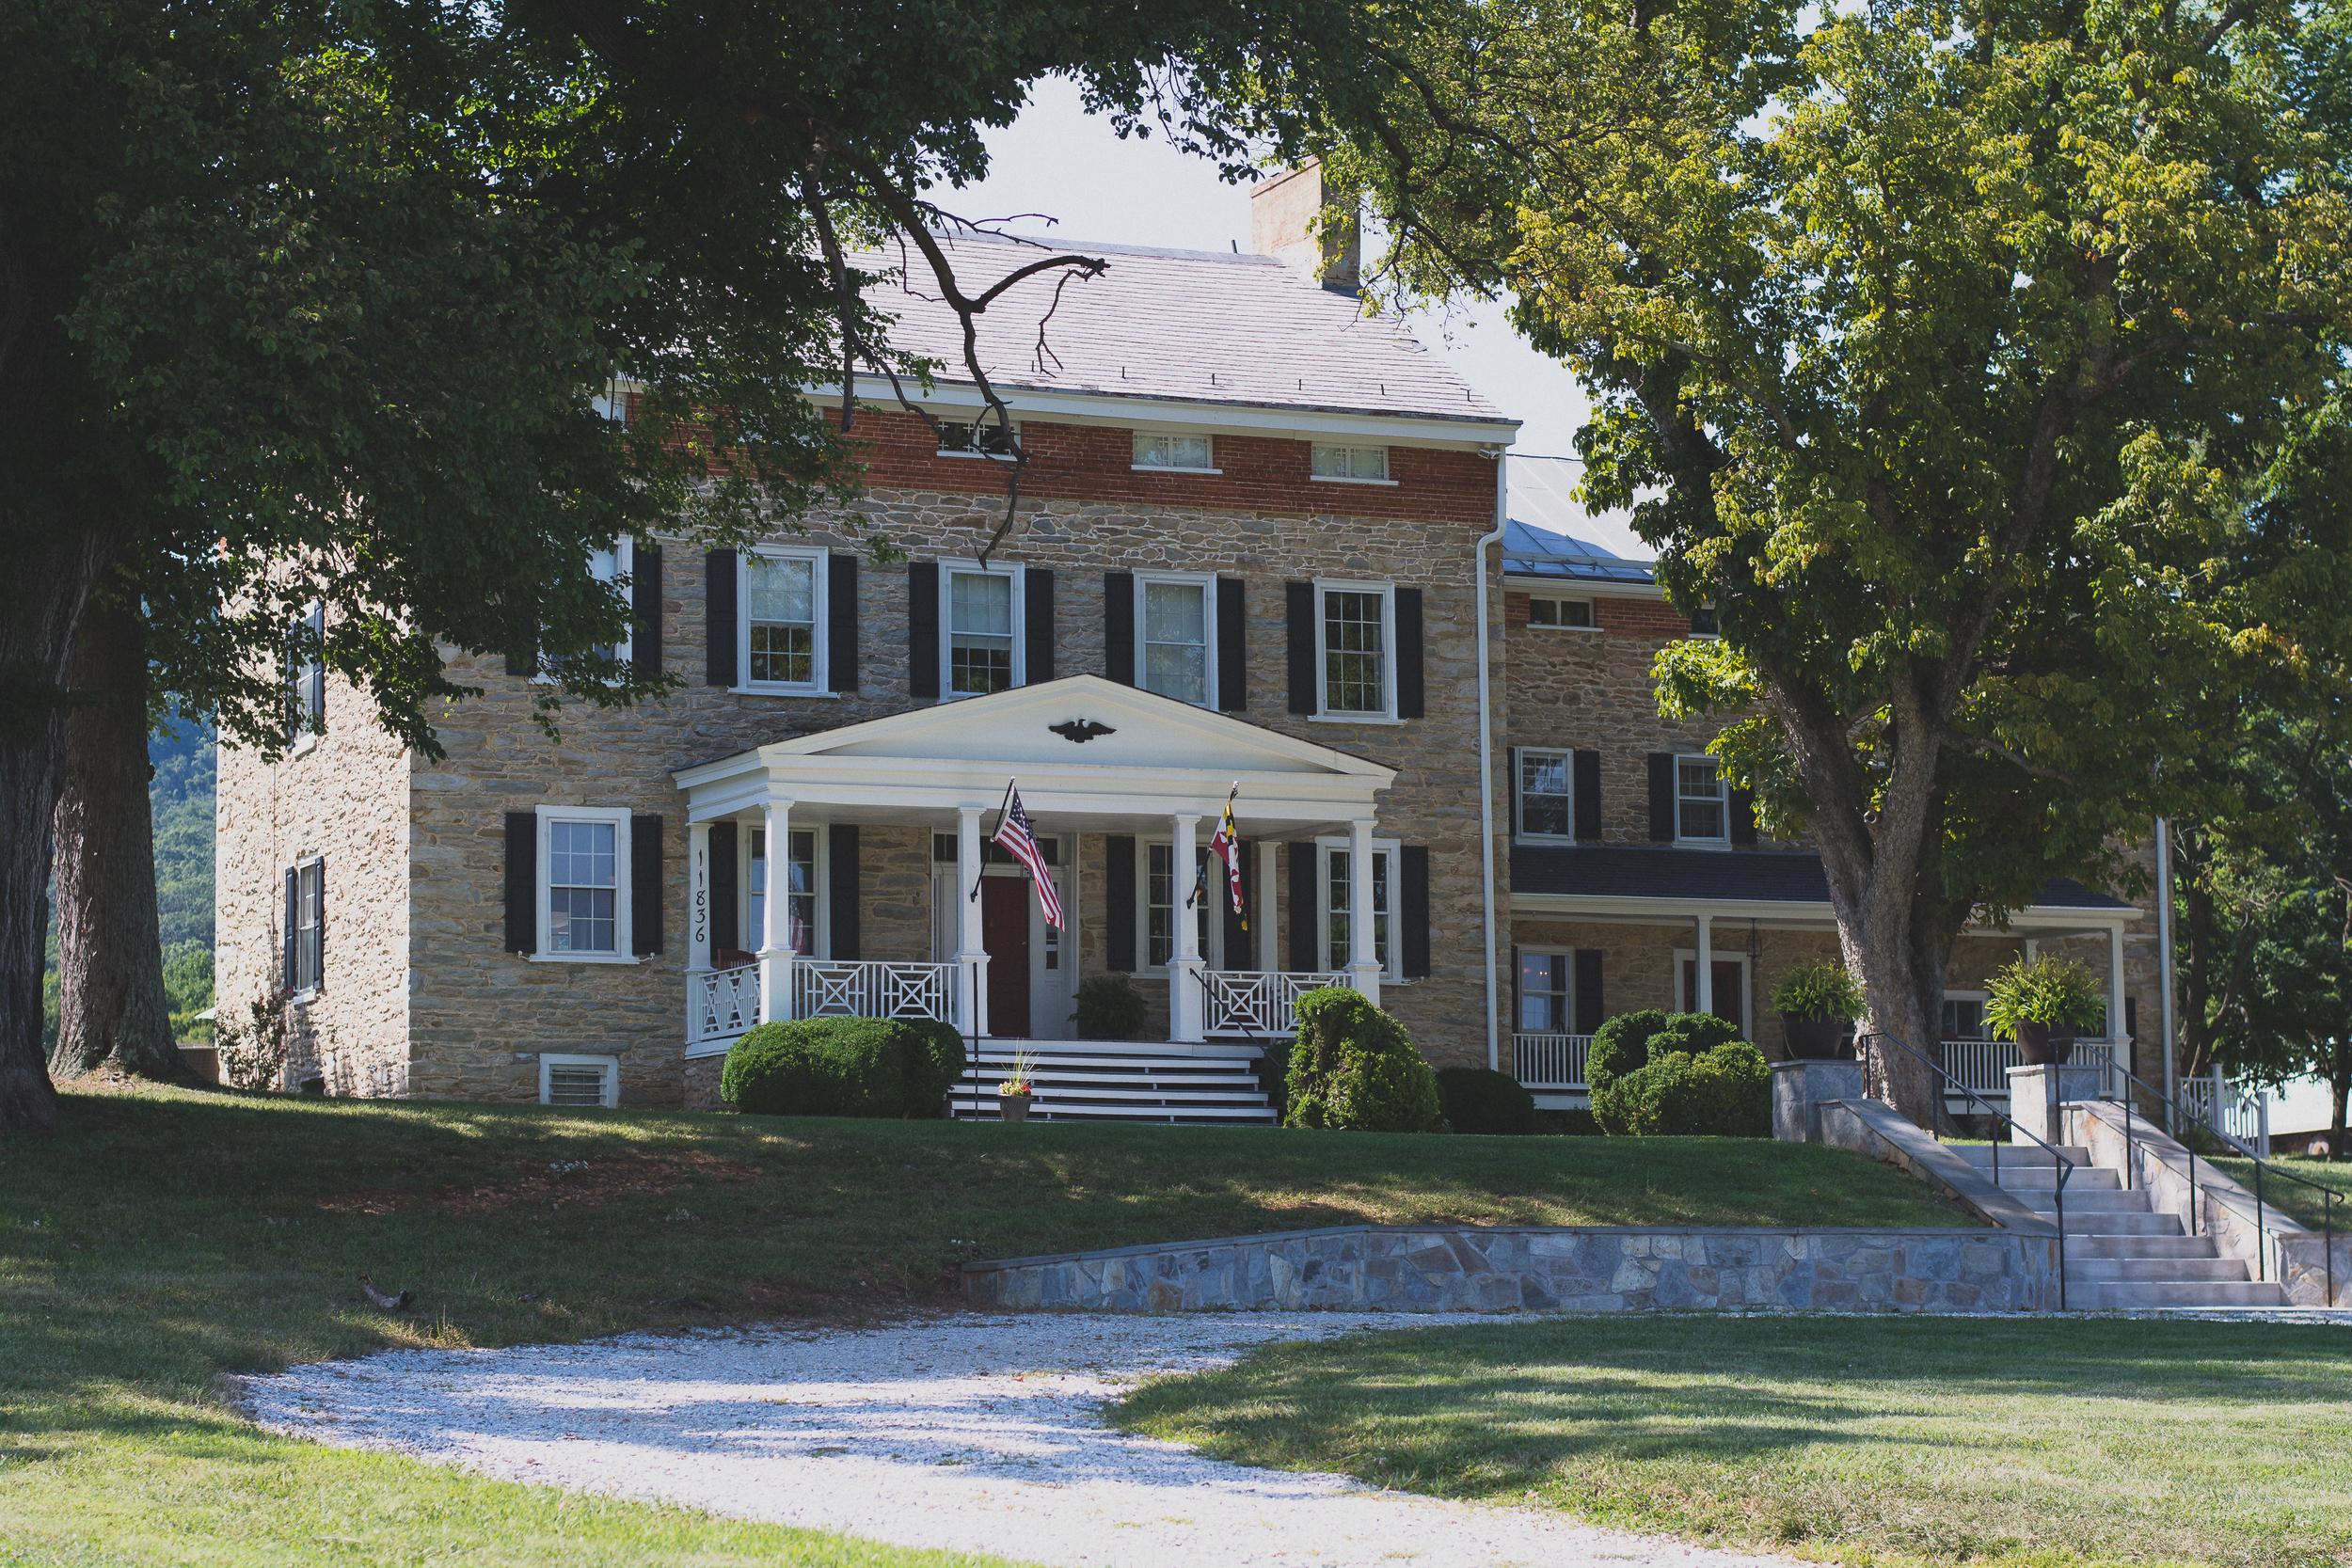 Springfield Manor Winery & Distillery Wedding Venue Photos